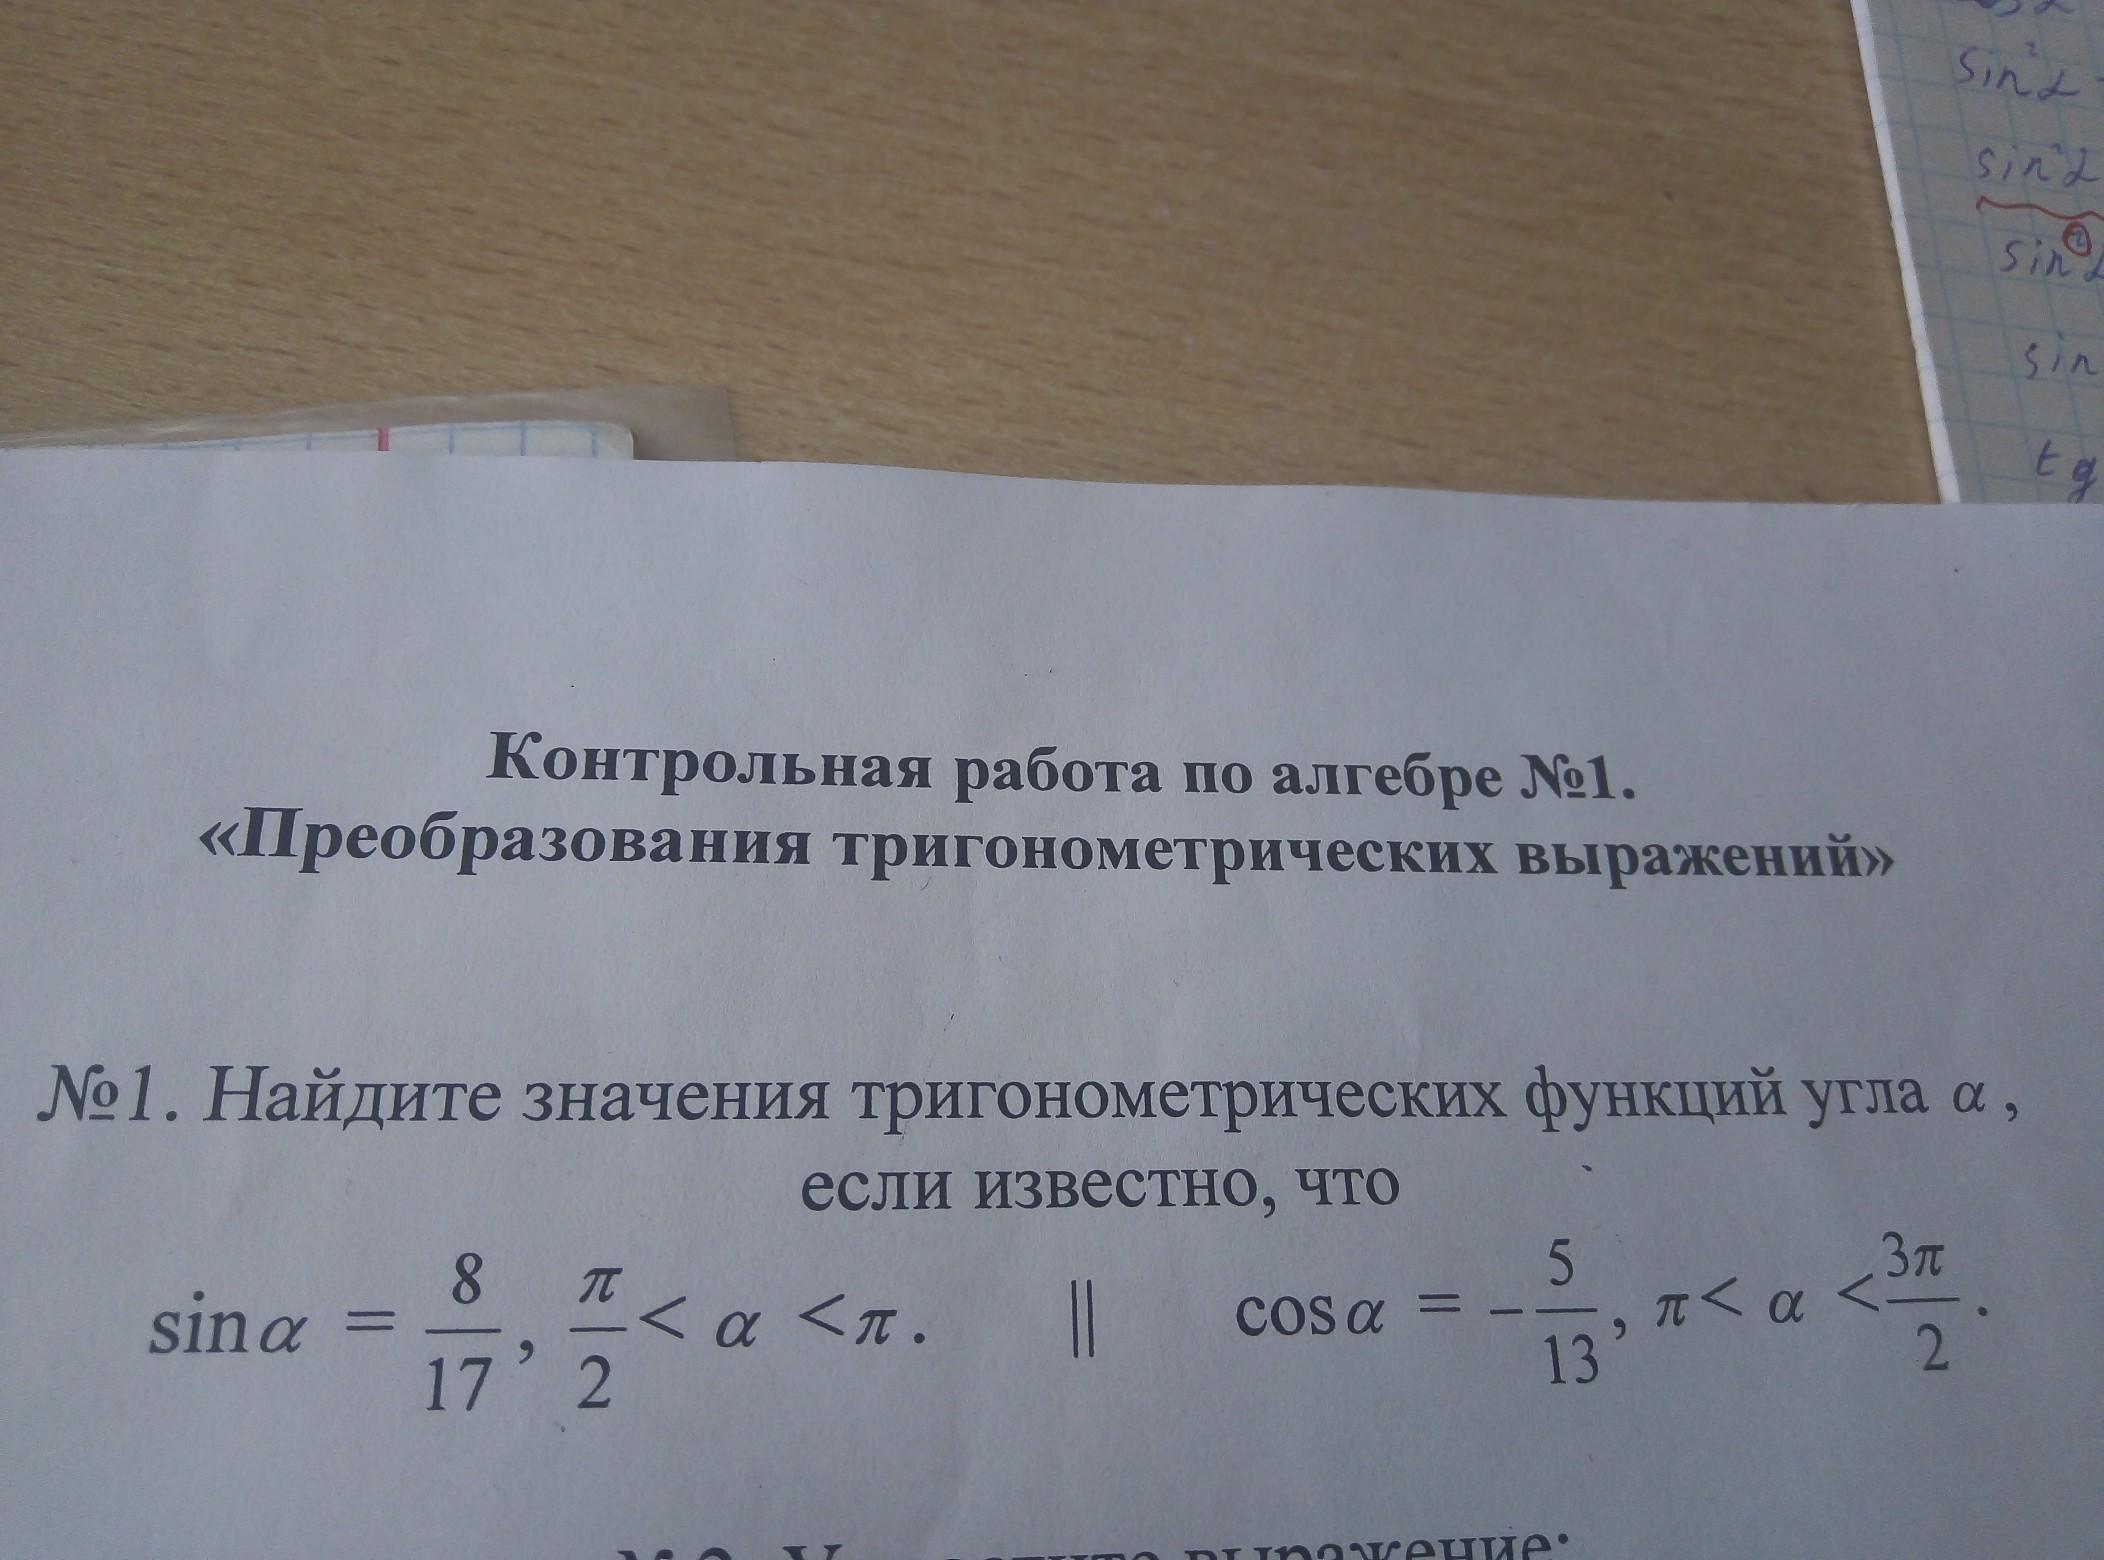 Контрольная работа 1 по теме тригонометрические функции 7426